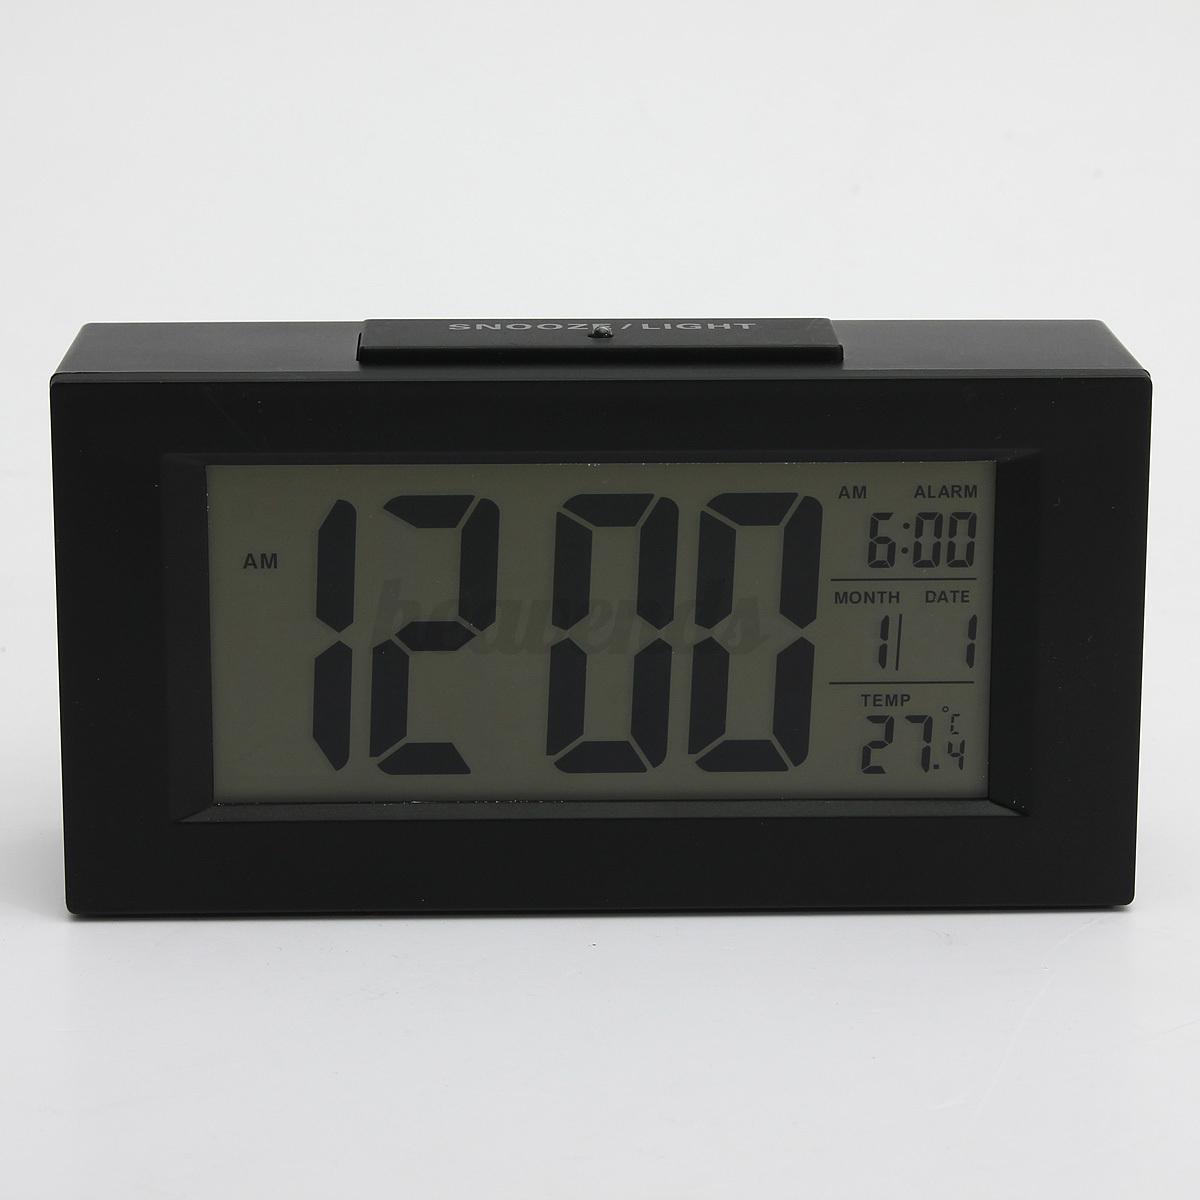 led funkuhr mit thermometer funkwecker wecker tischuhr alarm clock digitalwecker ebay. Black Bedroom Furniture Sets. Home Design Ideas